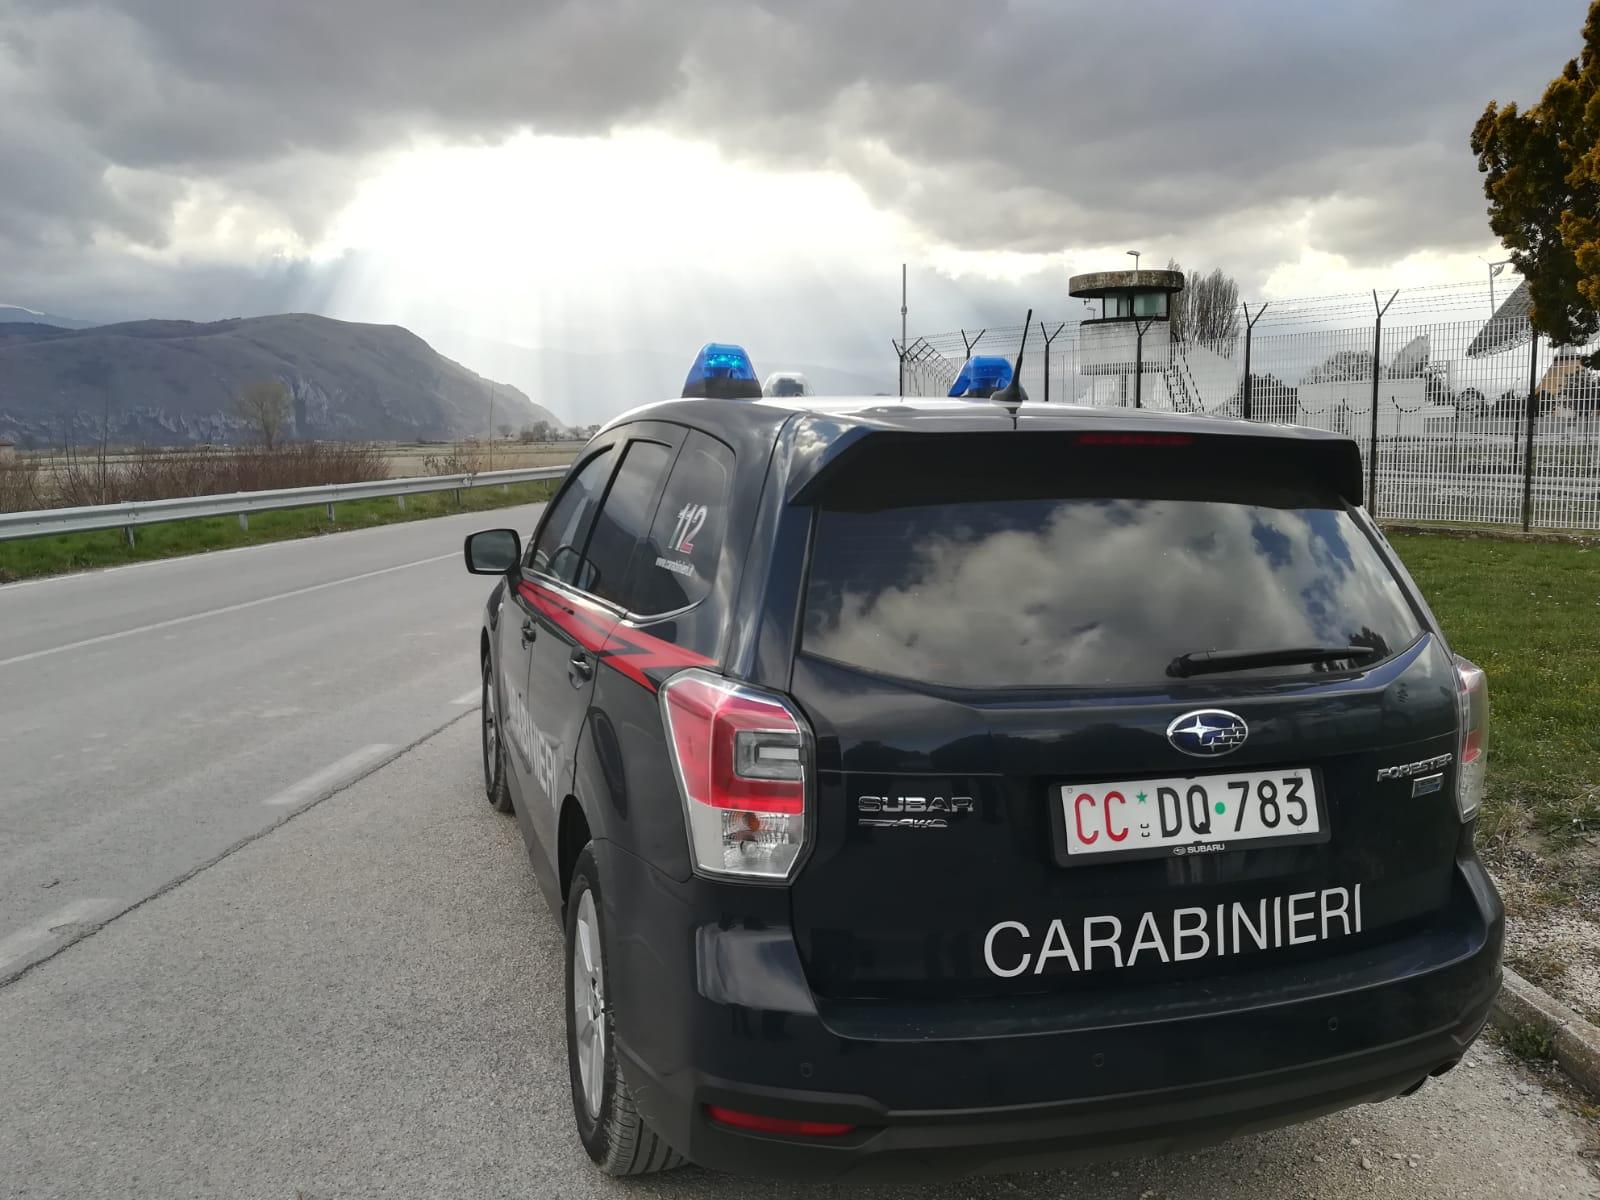 Minaccia di togliersi la vita, salvato dai Carabinieri